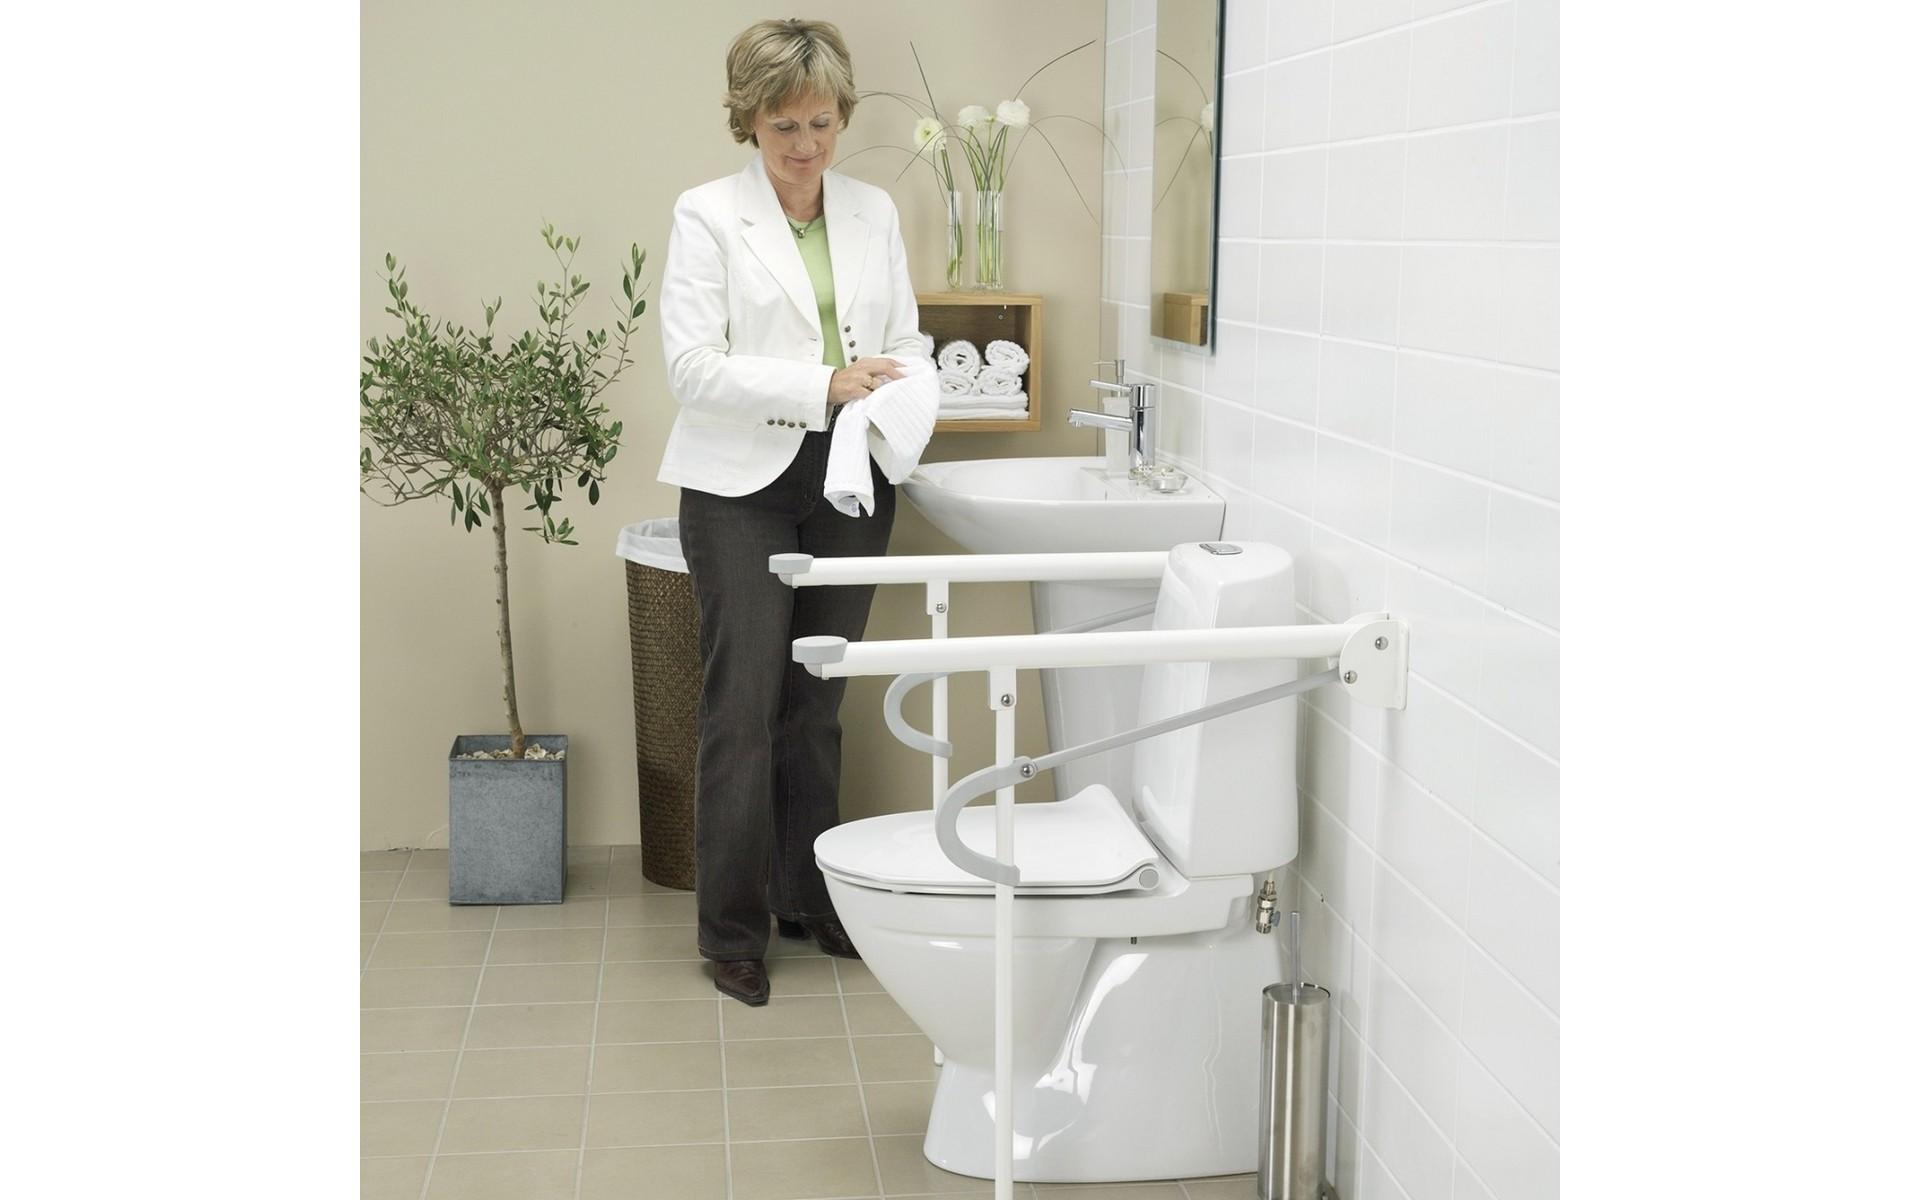 Bezpieczny uchwyt do WC Etac Optimal.